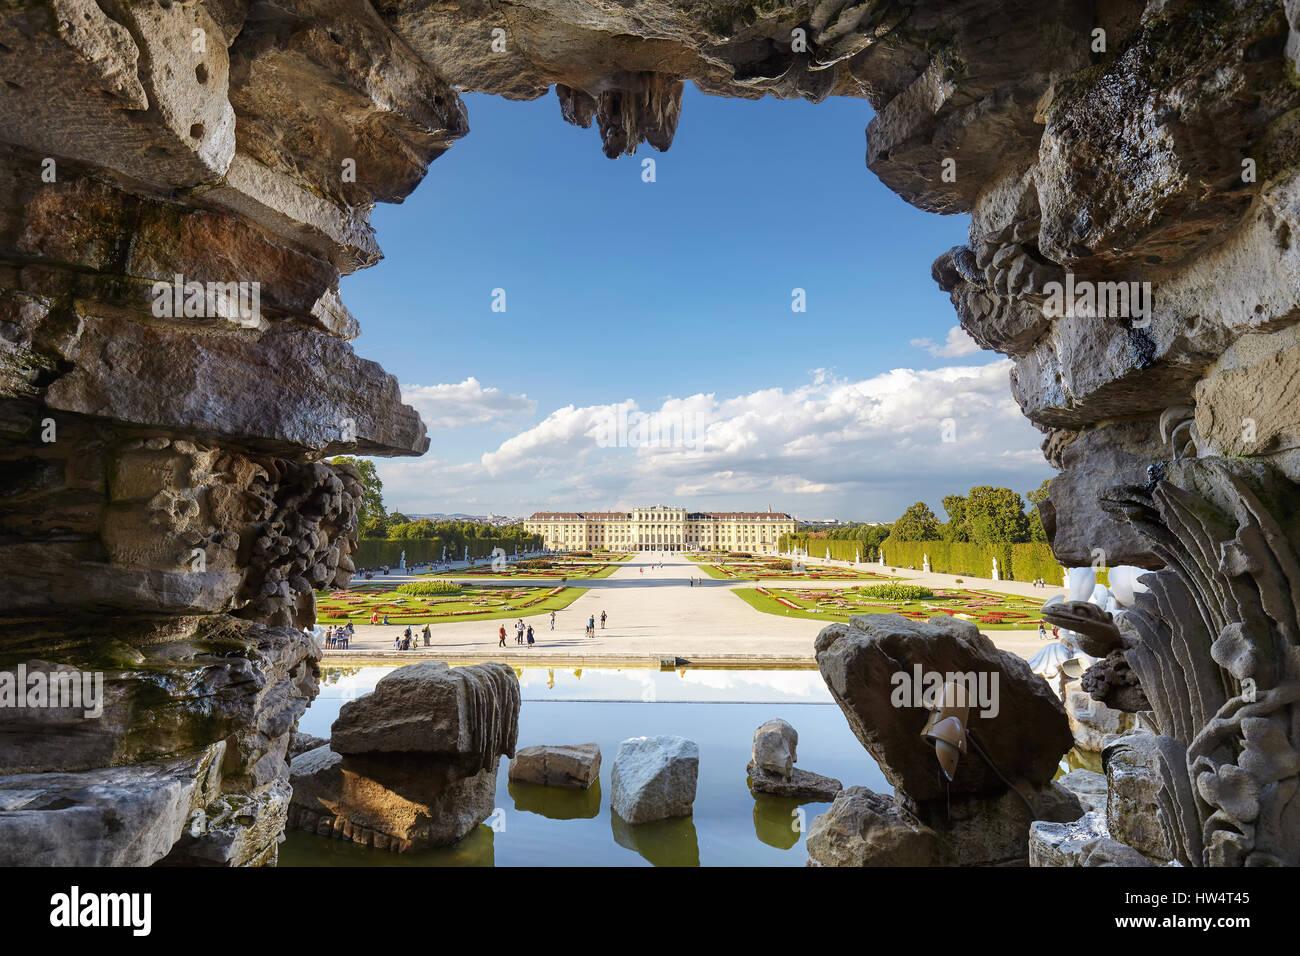 Viena, Austria - 14 de agosto de 2016 Fuente: Vista del palacio Schonbrunn, la antigua residencia de verano imperial Imagen De Stock